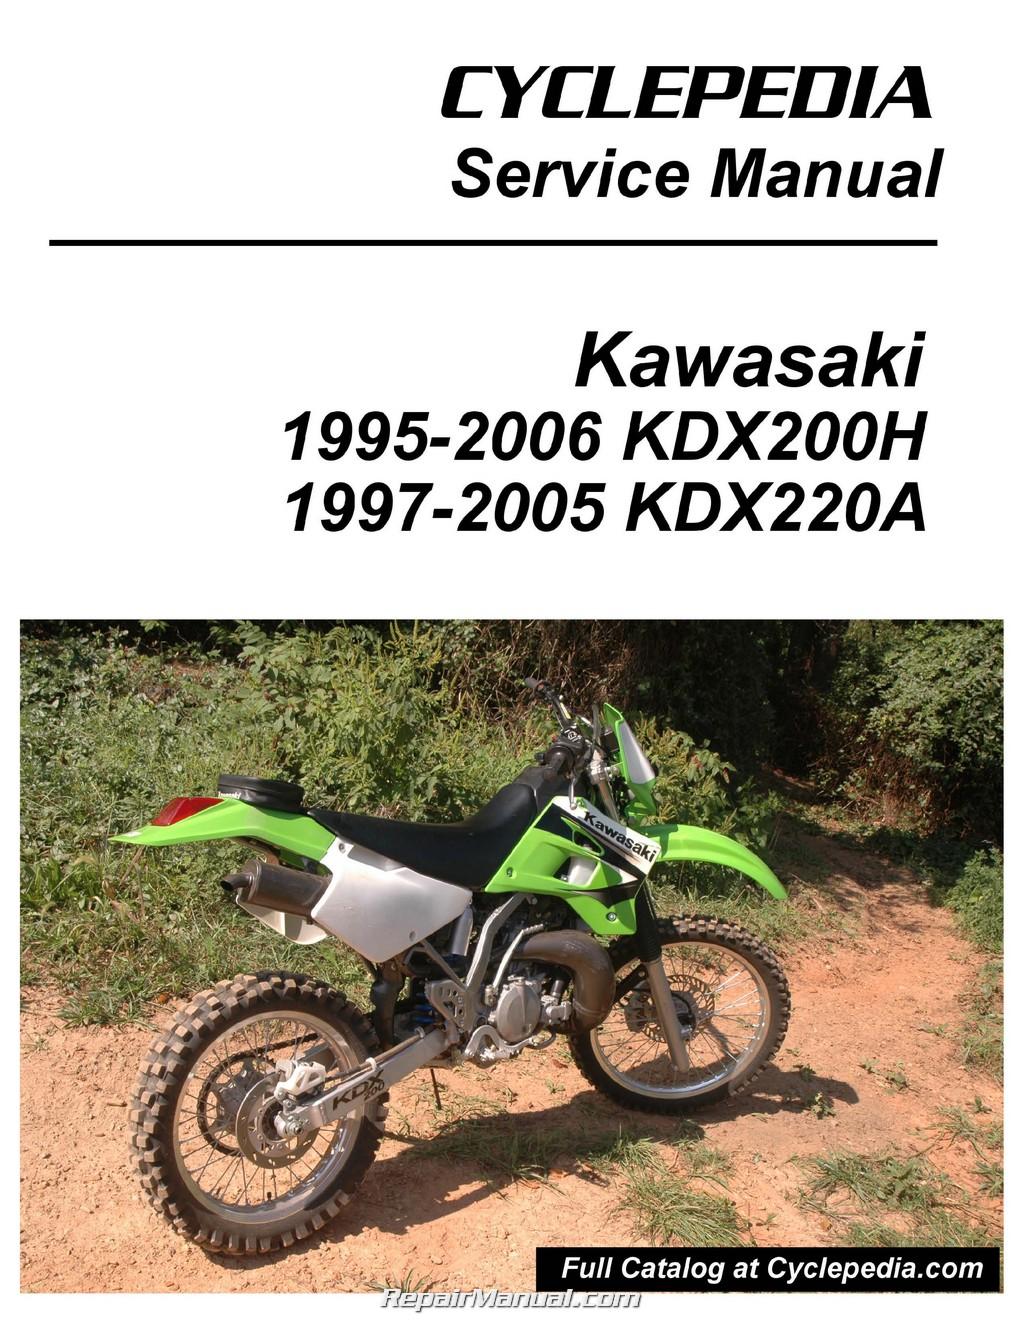 1976 Kawasaki Ke100 Wiring Diagram 1980